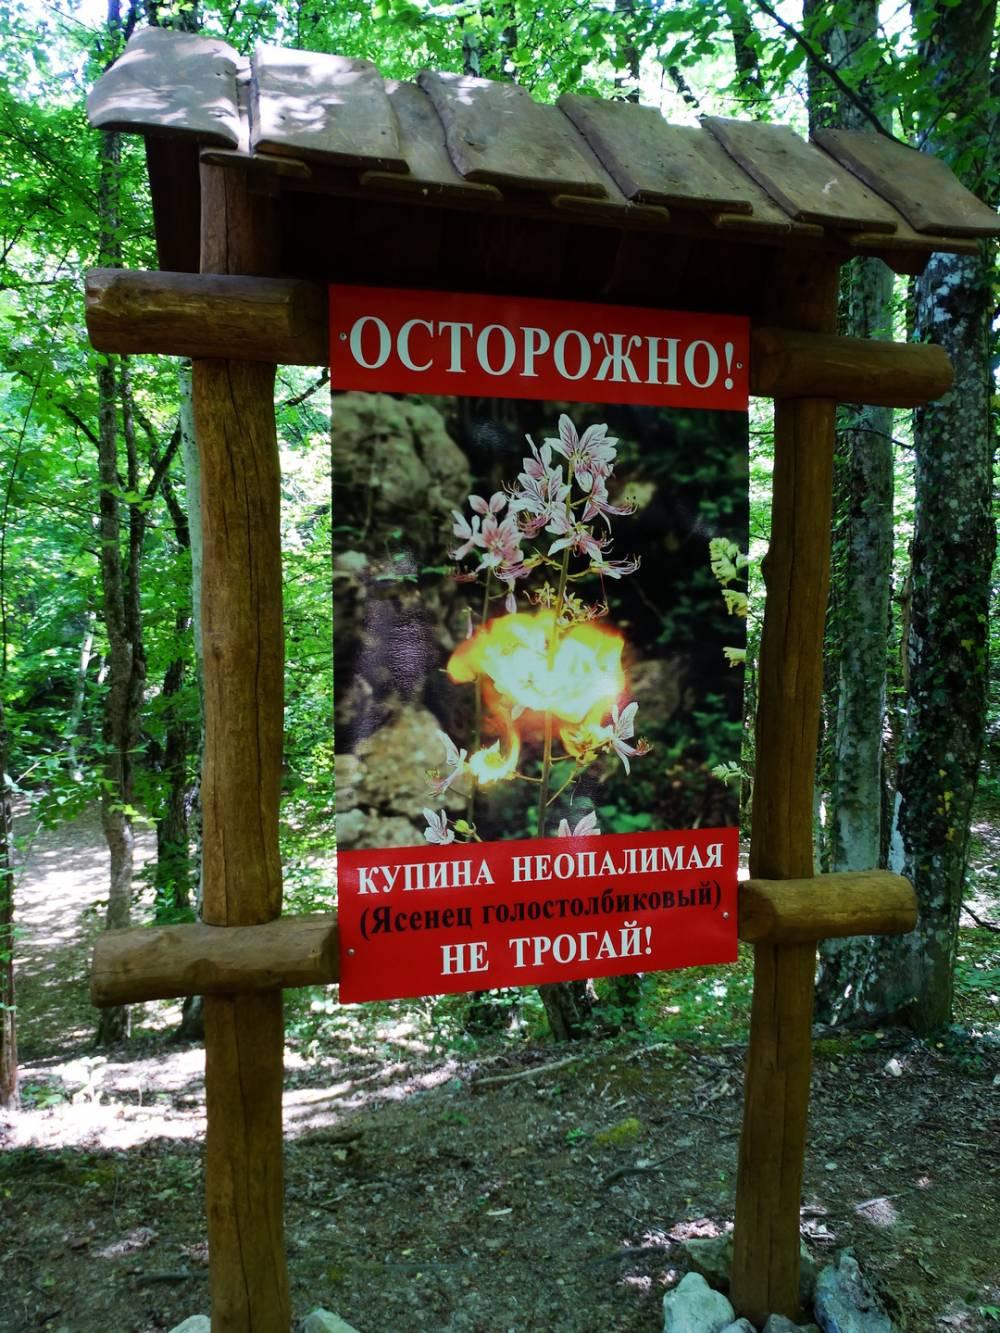 Опасный крымский цветок